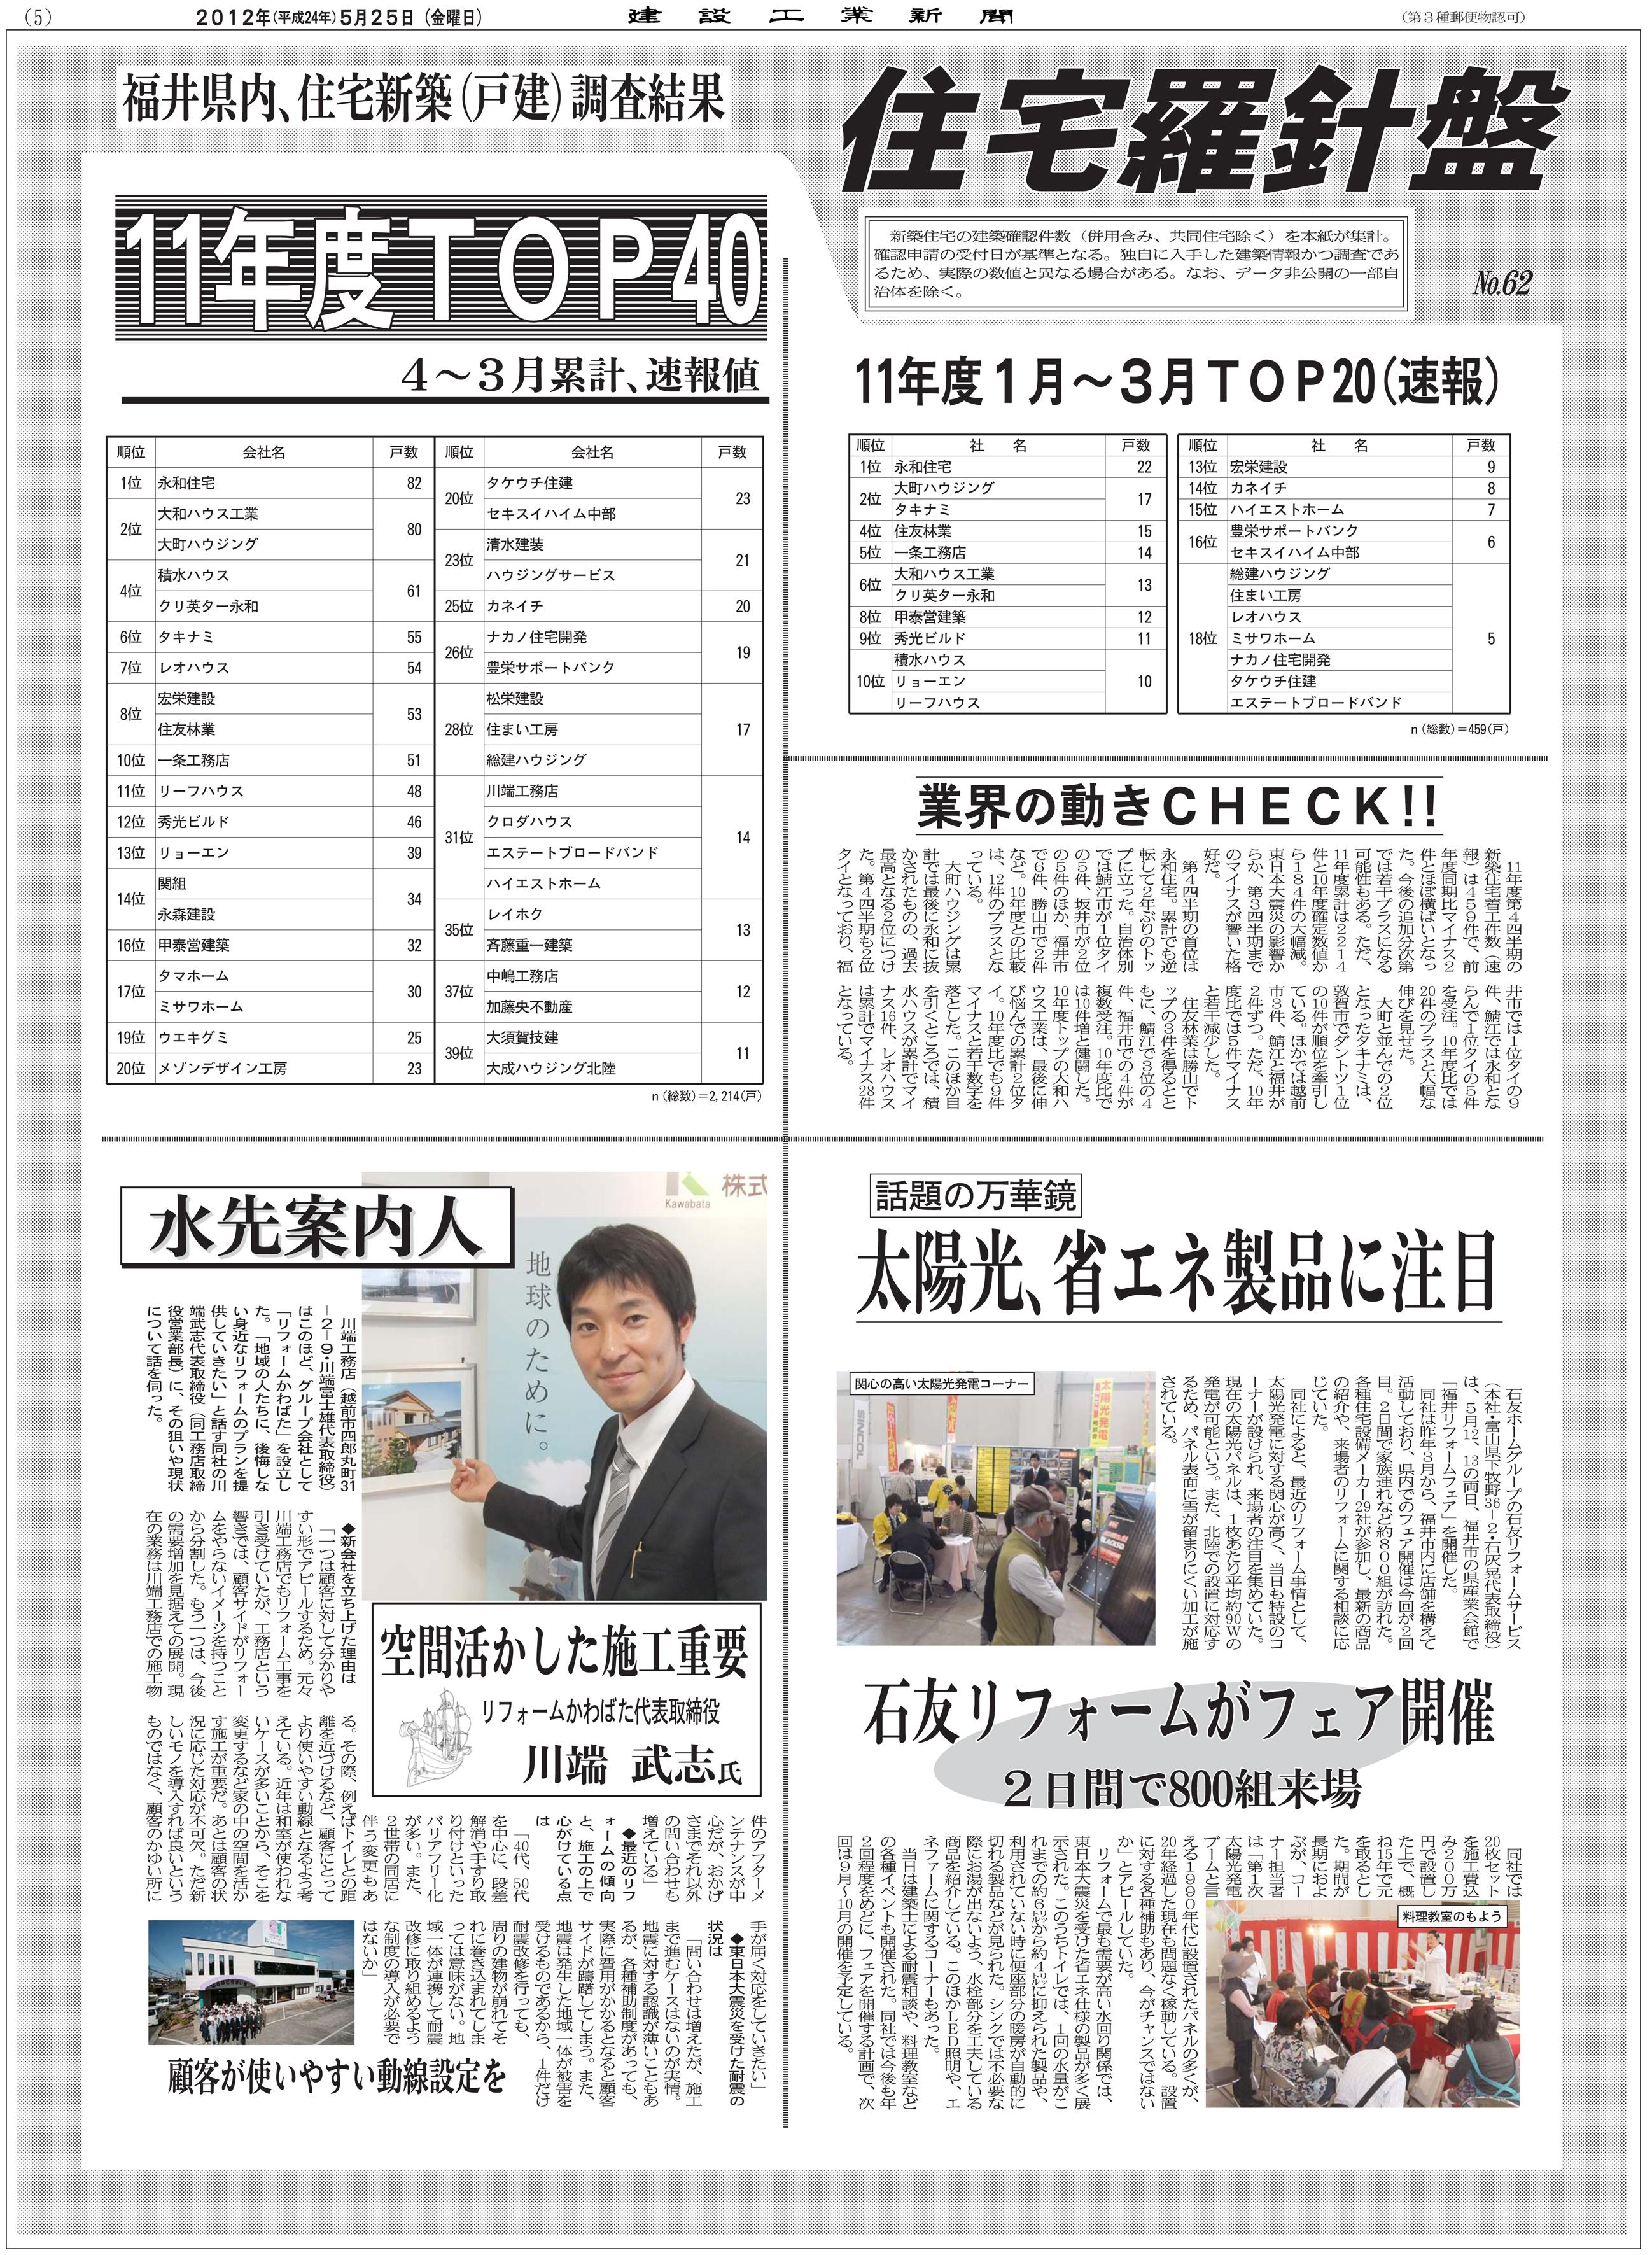 新聞 ニュース 速報 福井 お店で割引きや特典、福井県の全子育て世帯に 県が「パスポート」発行へ(福井新聞ONLINE)